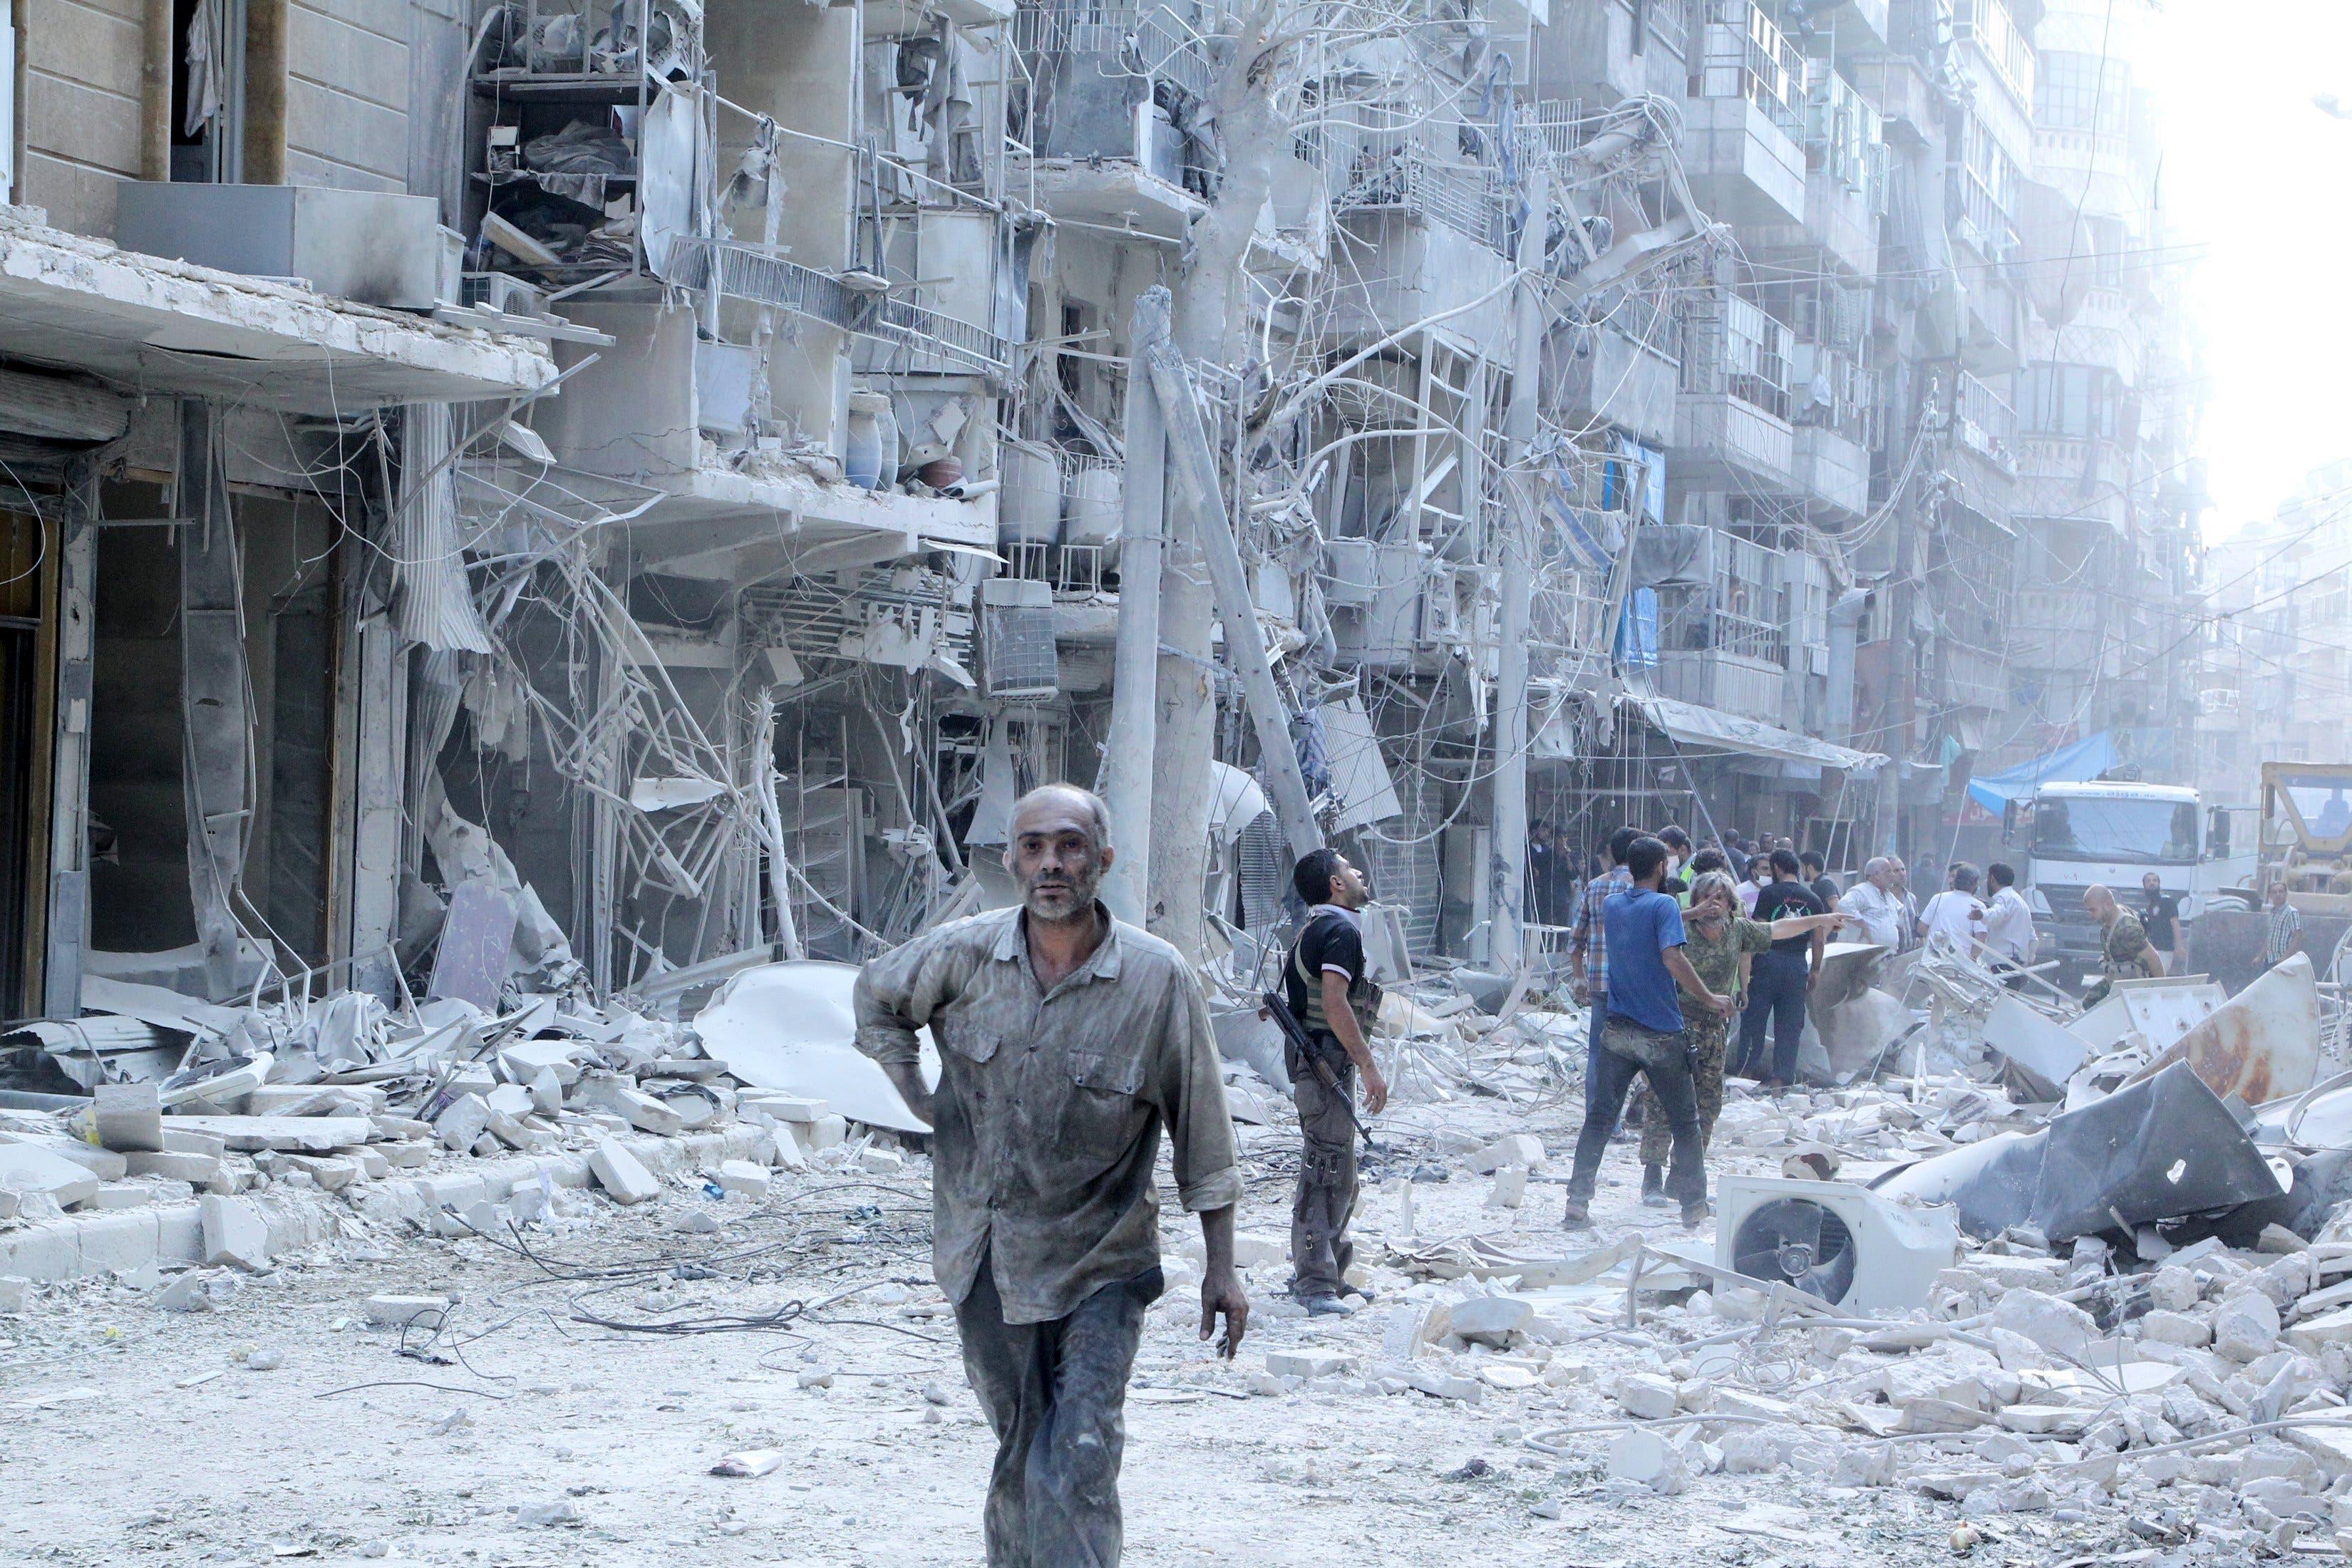 حلب تعرضت لتدمير شامل من جاء قصف نظام بشار الأاسد